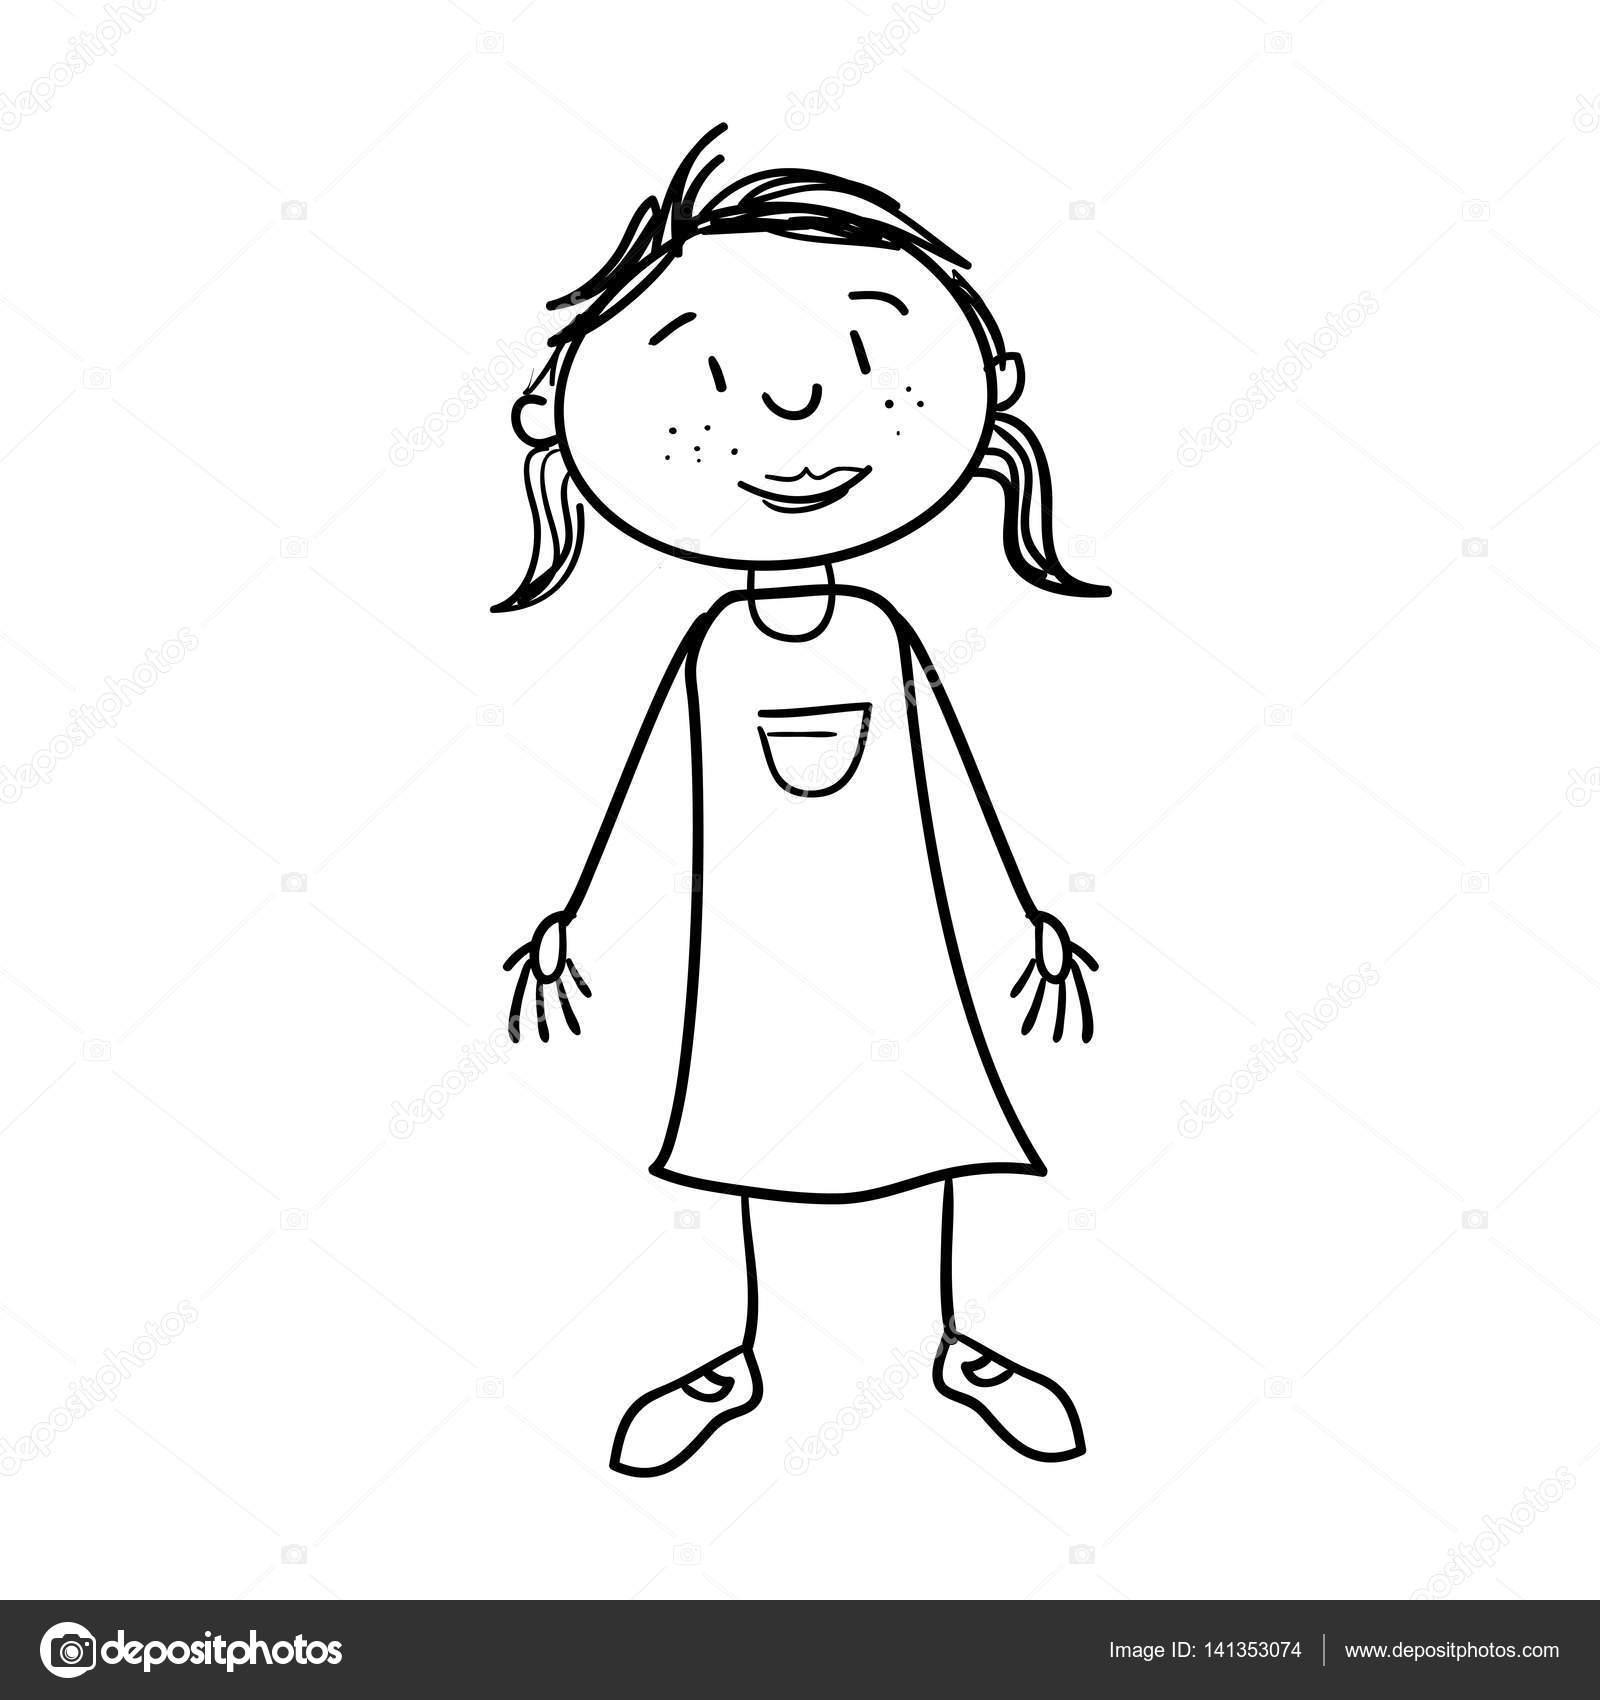 schattig meisje tekening pictogram stockvector